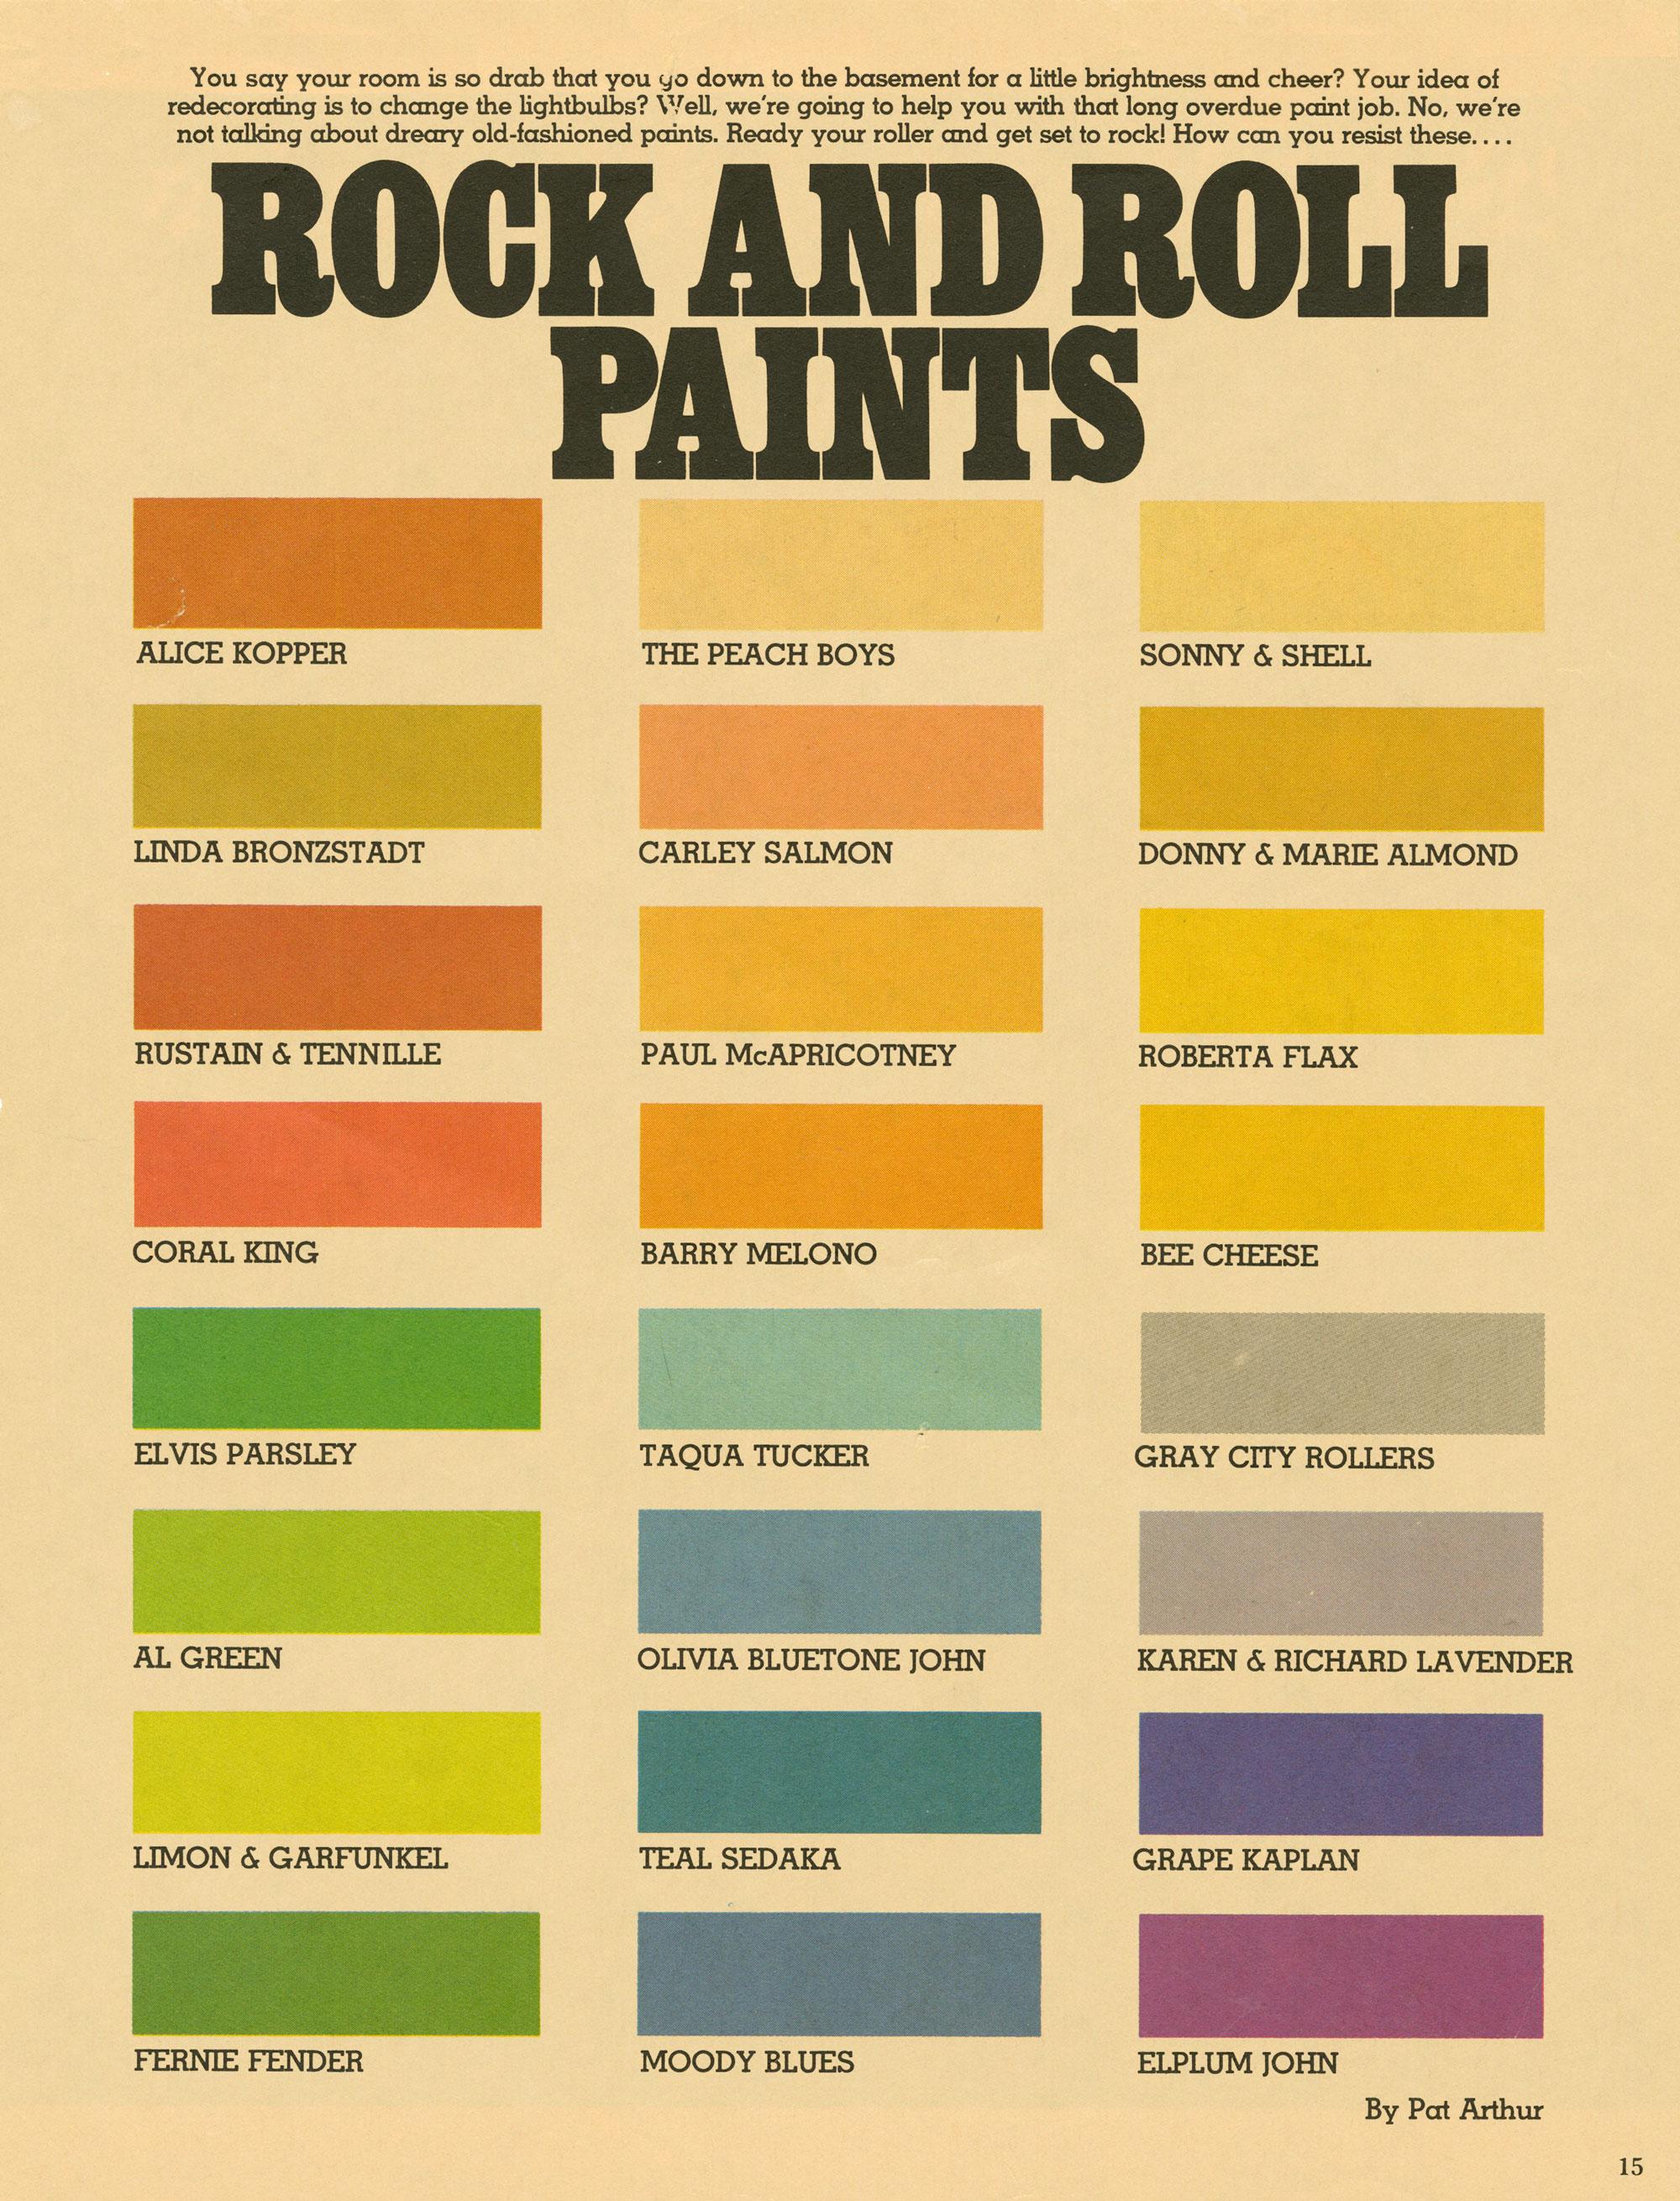 rock-roll-paints.jpg